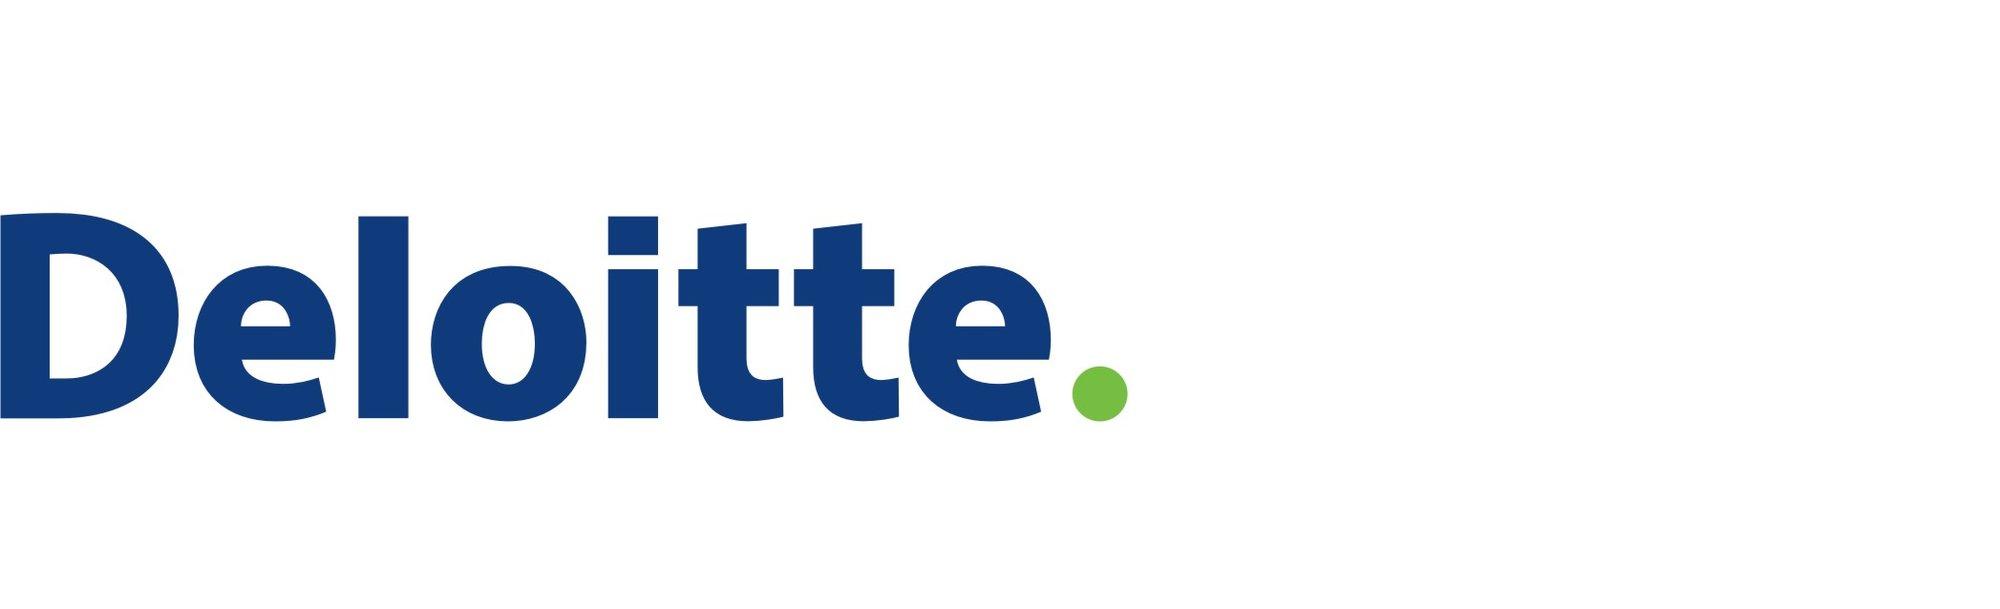 Deloitte katowice